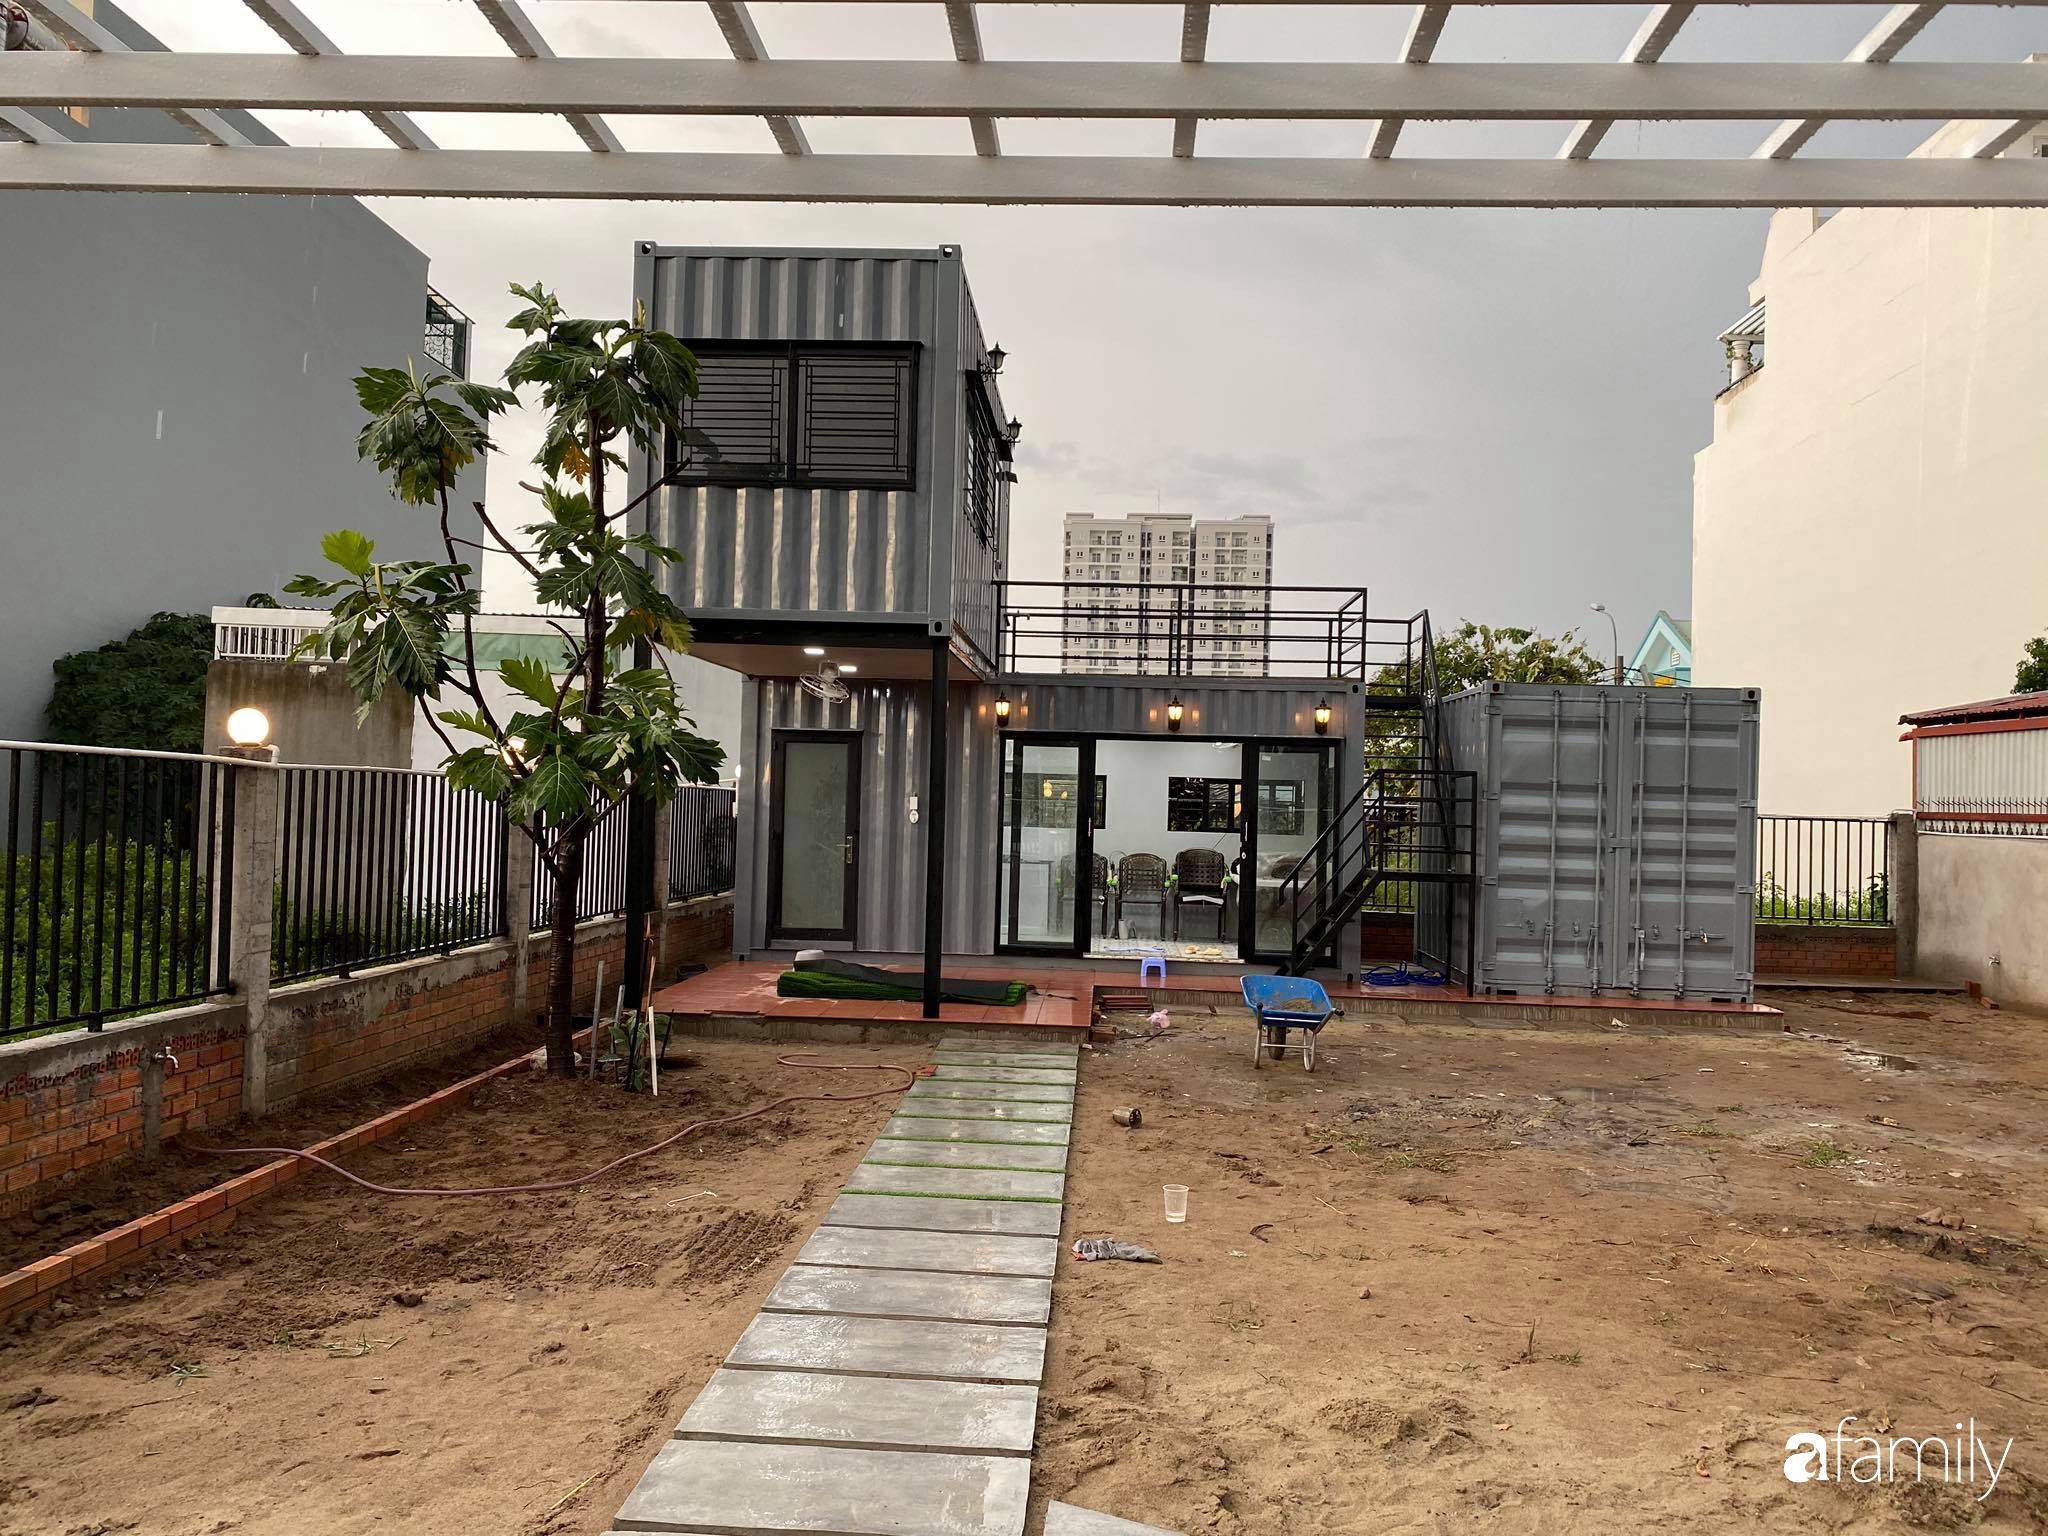 Con gái chi 500 triệu đồng xây nhà vườn container để bố về hưu thỏa mãn đam mê trồng rau ở Sài Gòn - Ảnh 1.